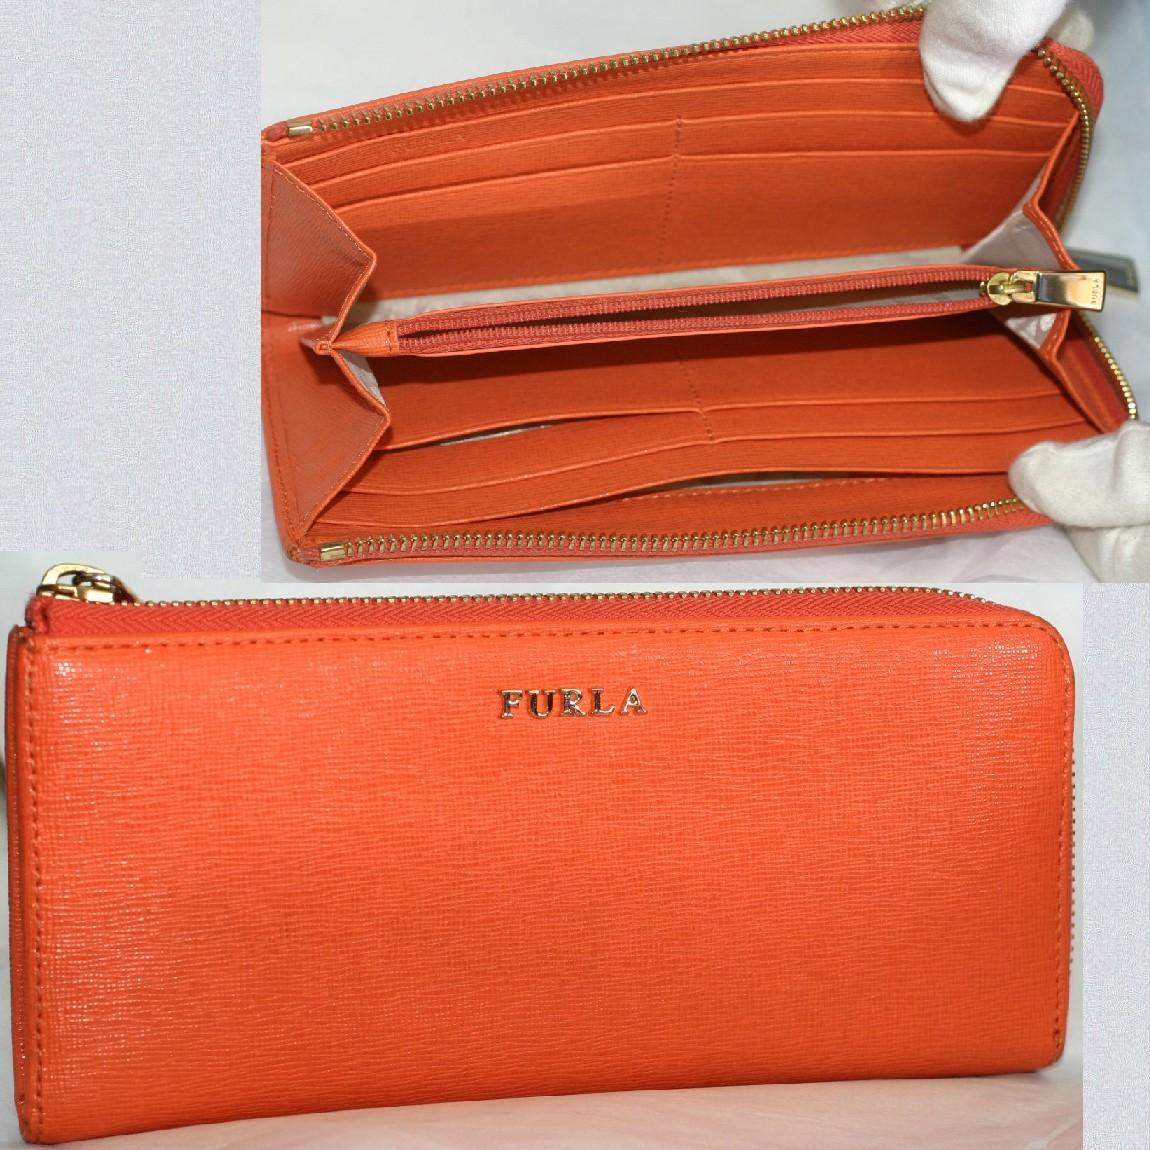 【中古】本物抜群に綺麗フルラ女性用綺麗なオレンジ色L字ファスナーつき長財布 サイズW19,7H9D2,5cm